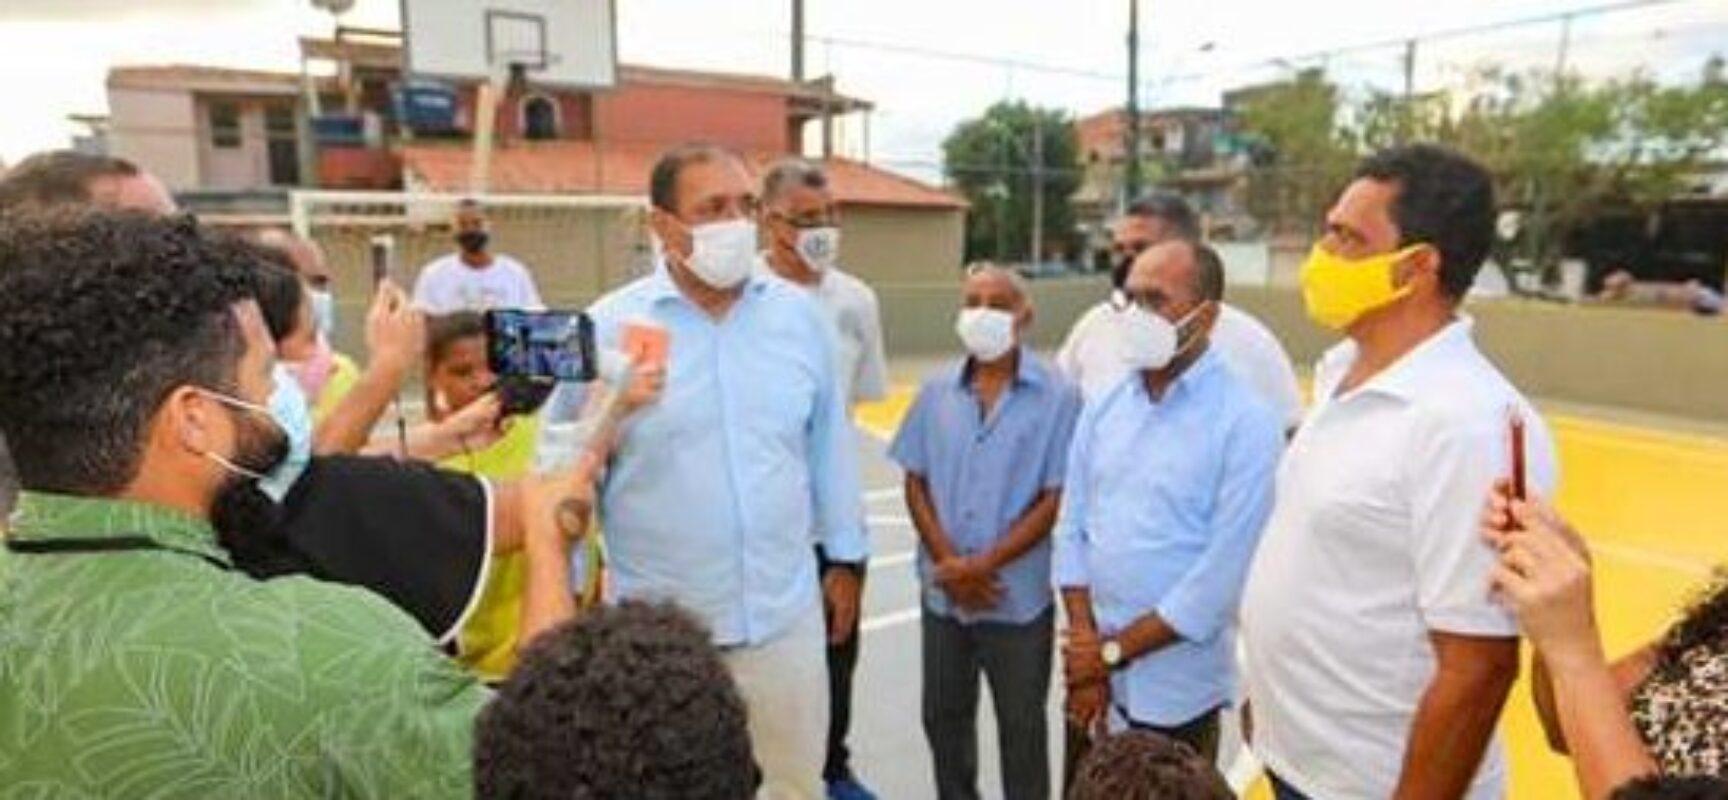 Prefeito Mário Alexandre entrega quadra da Barra completamente reformada para a comunidade